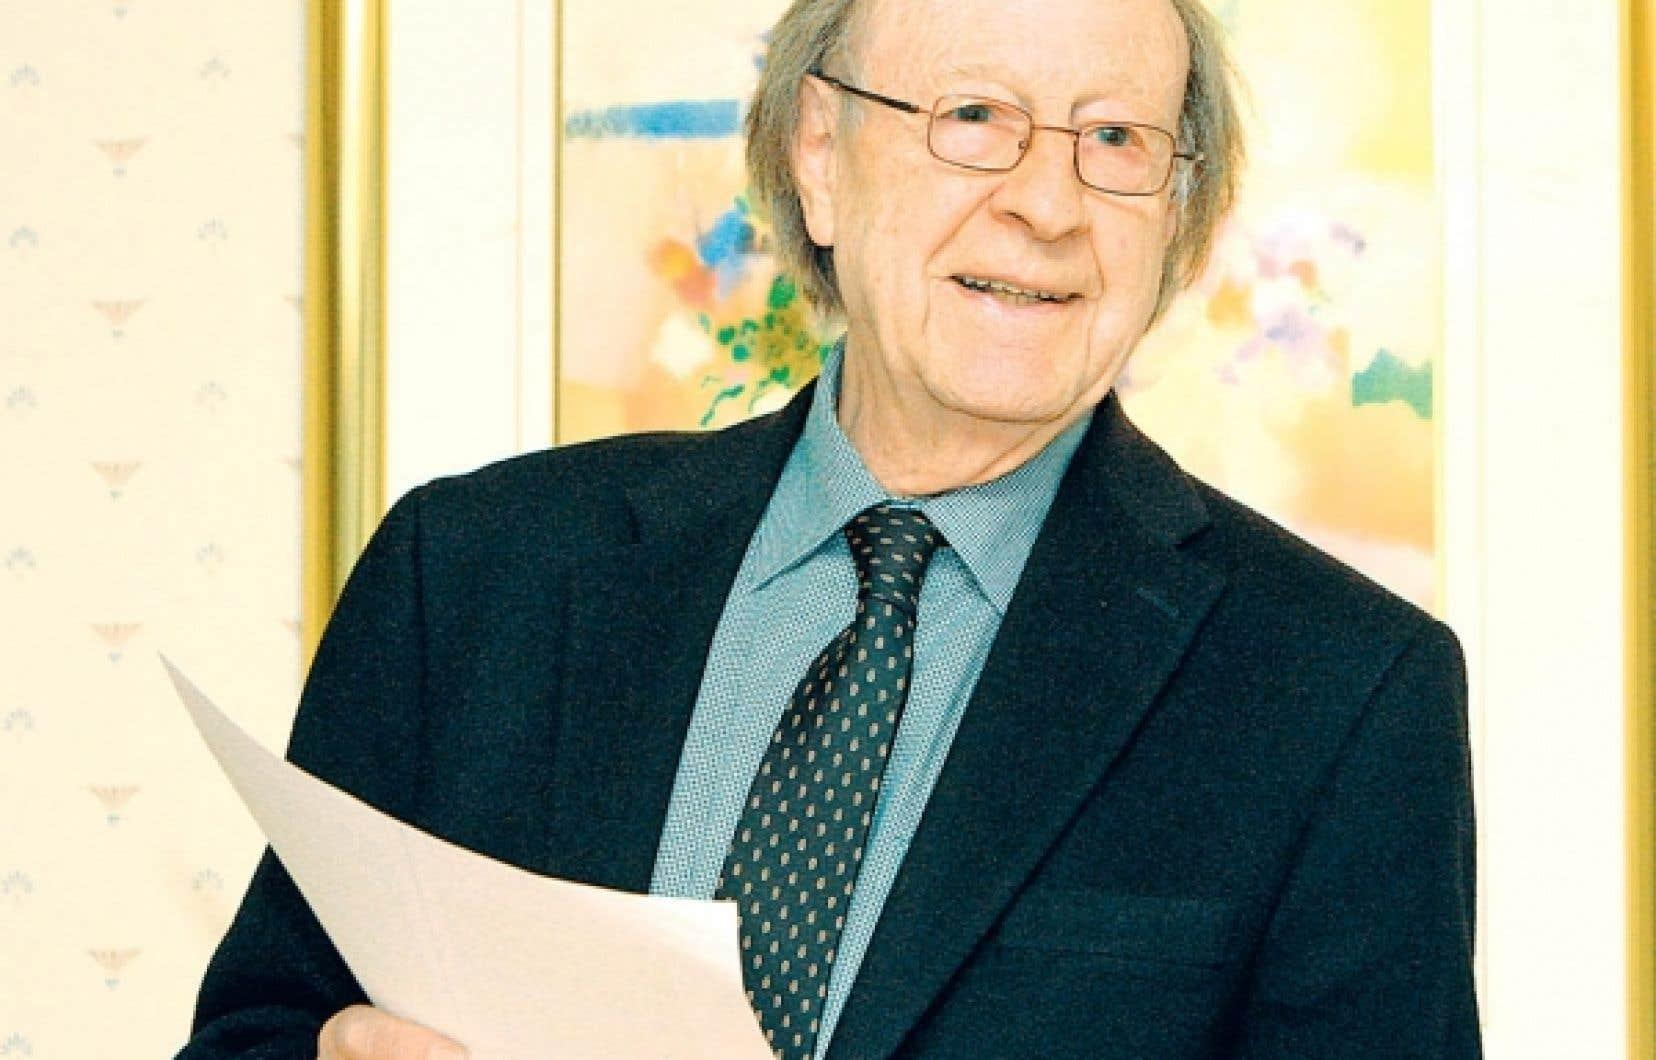 Si un jour une charte de la laïcité devait être adoptée, elle devrait s'éloigner selon lui d'une «laïcité ouverte» telle que l'ont défendue Charles Taylor et Gérard Bouchard, a dit Guy Rocher.